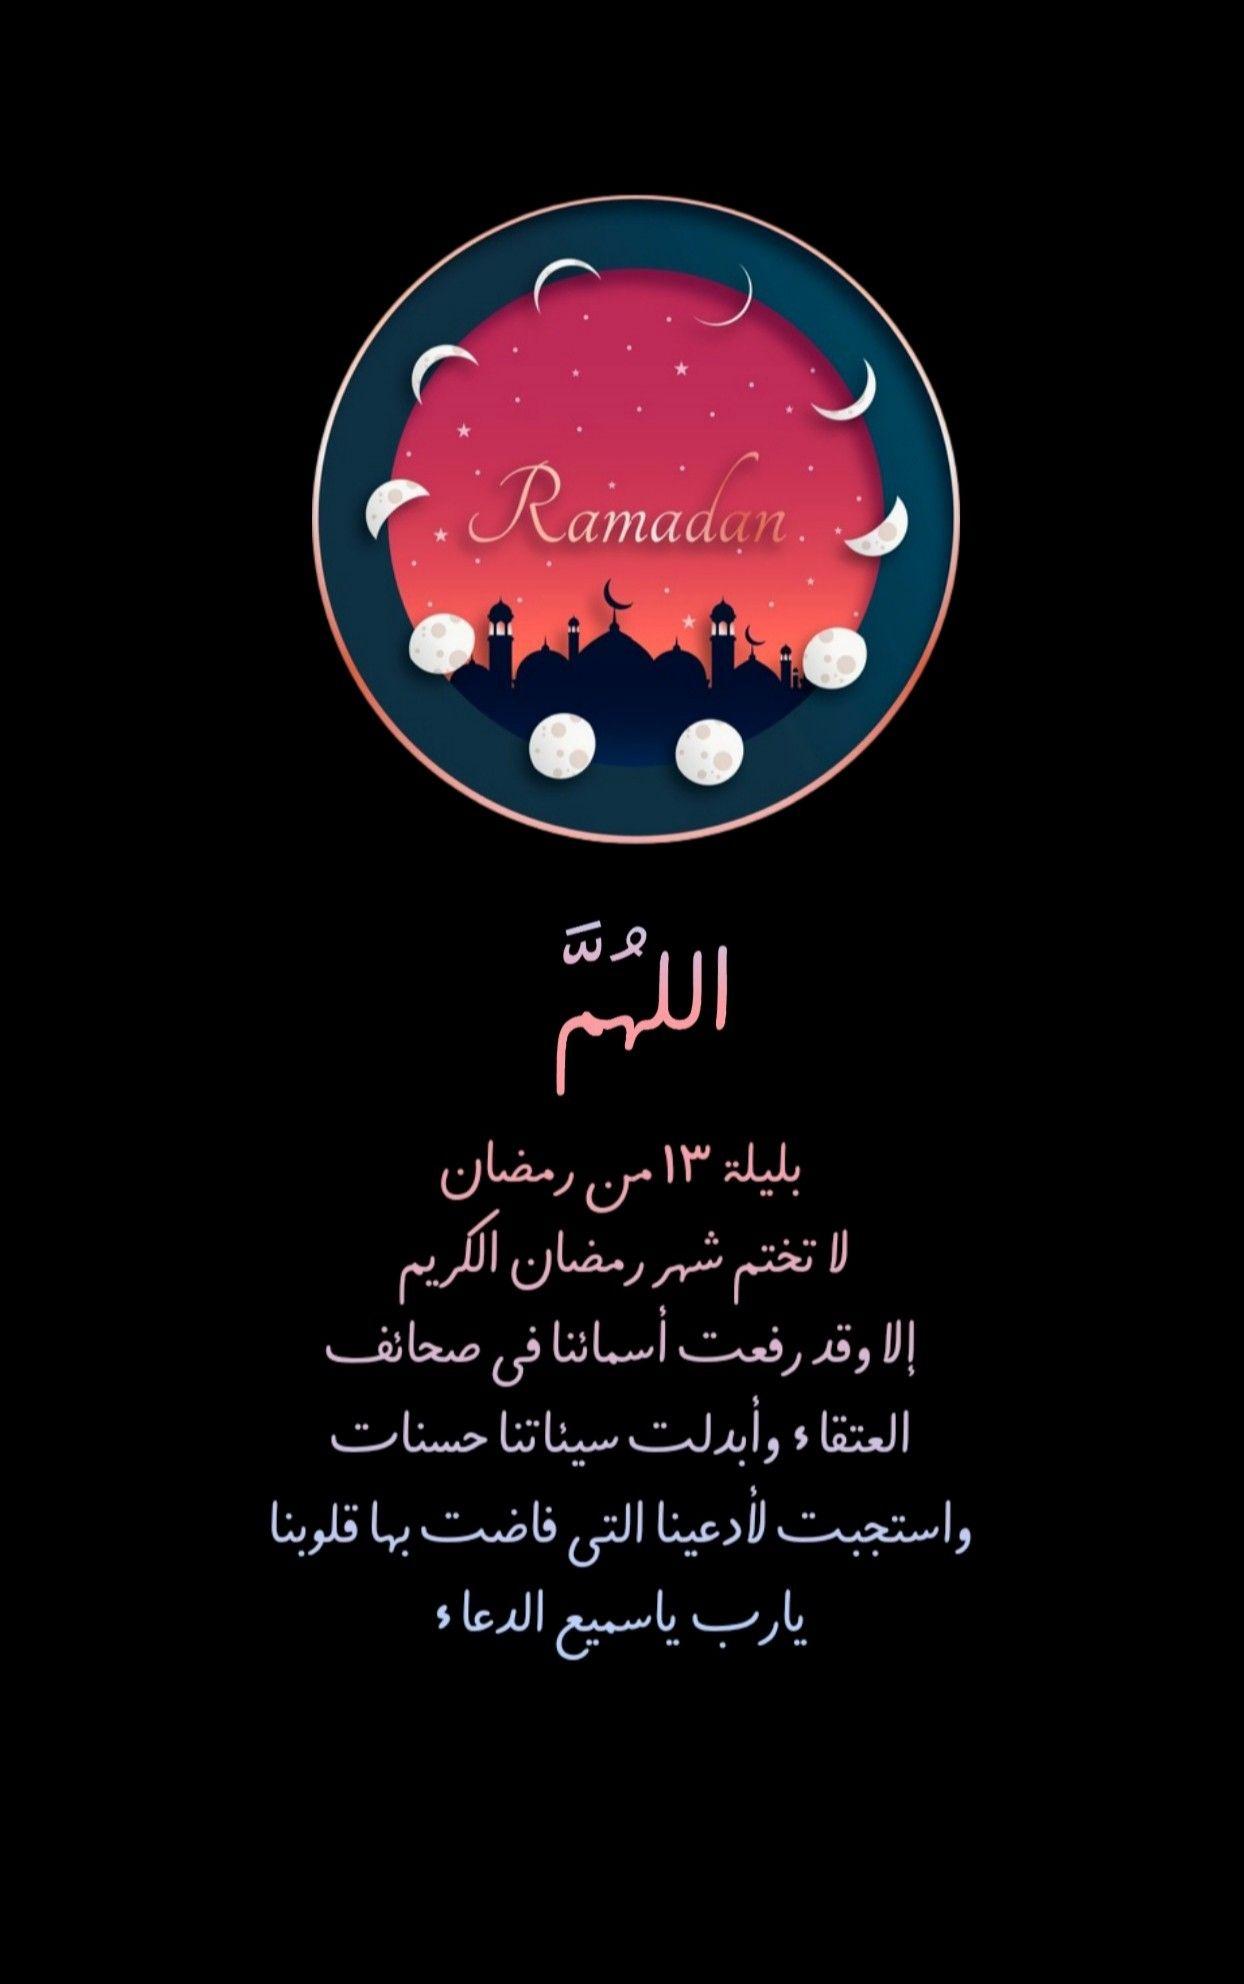 الله م بليلة ١٣ من رمضان لا تختم شهر رمضان الكريم إلا وقد رفعت أسمائنا في صحائف العتقاء وأبدلت سيئاتنا حسنا Ramadan Ramadan Greetings Ramadan Kareem